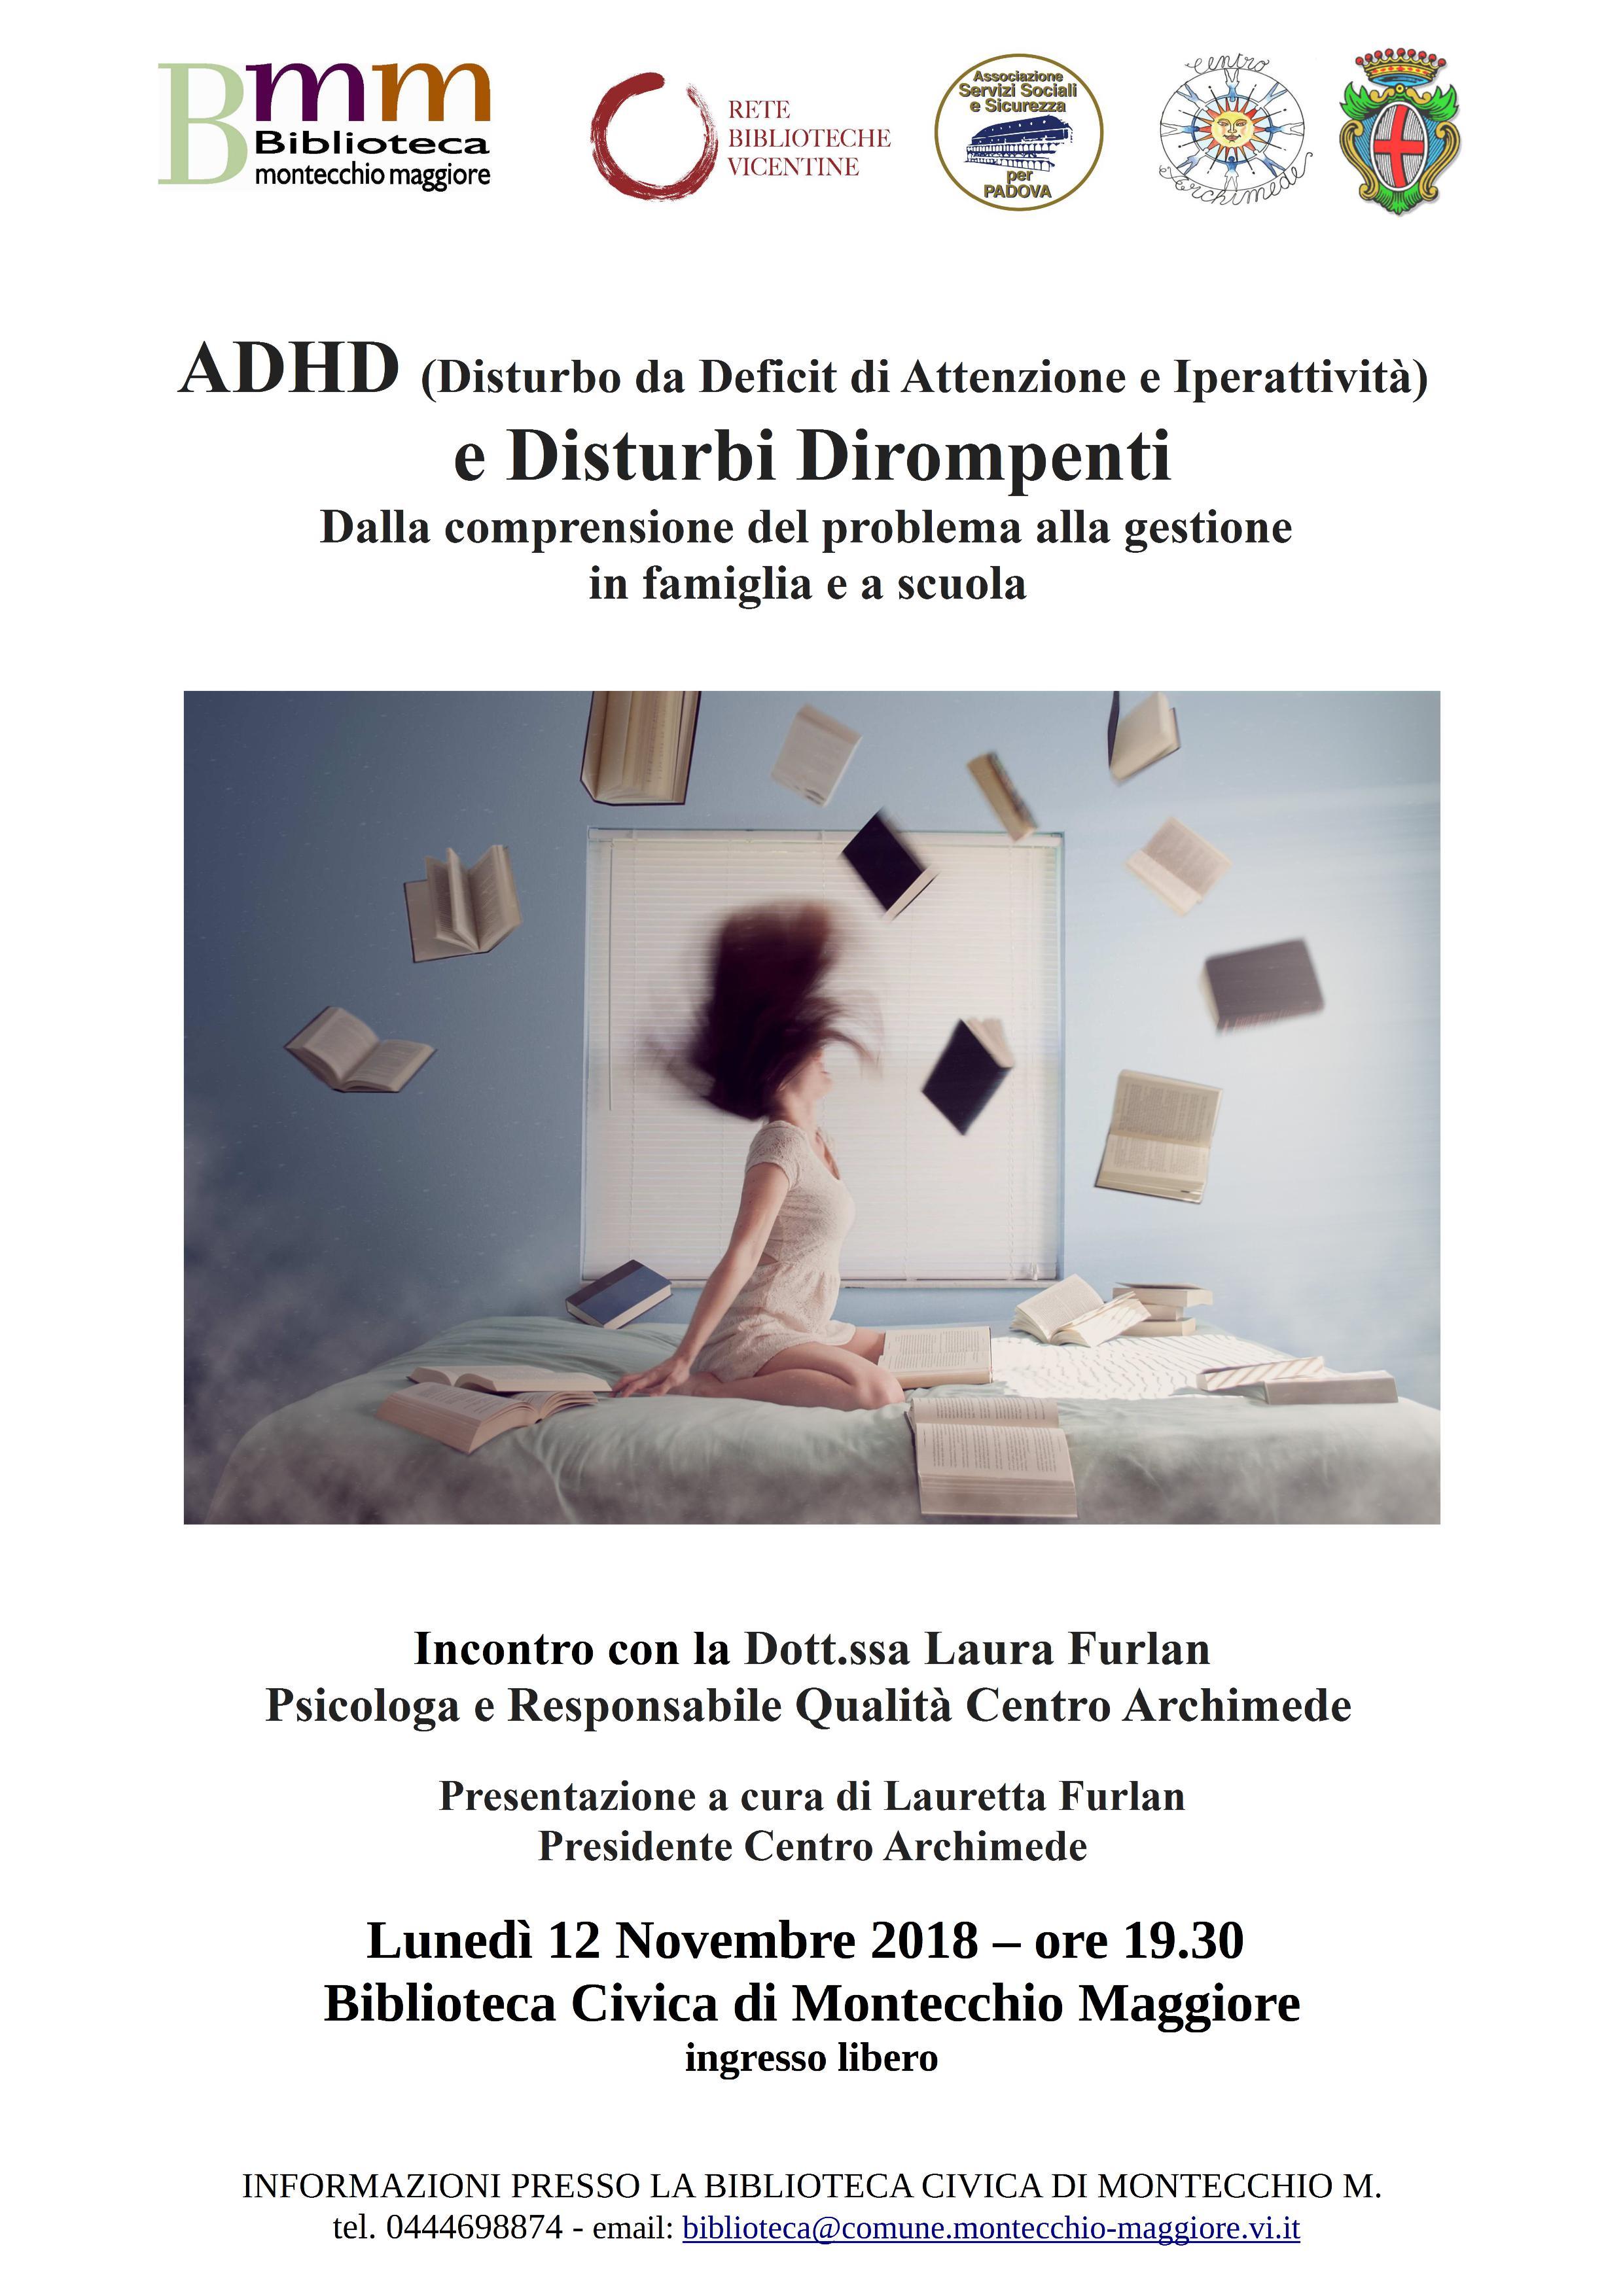 ADHD e disturbi dirompenti